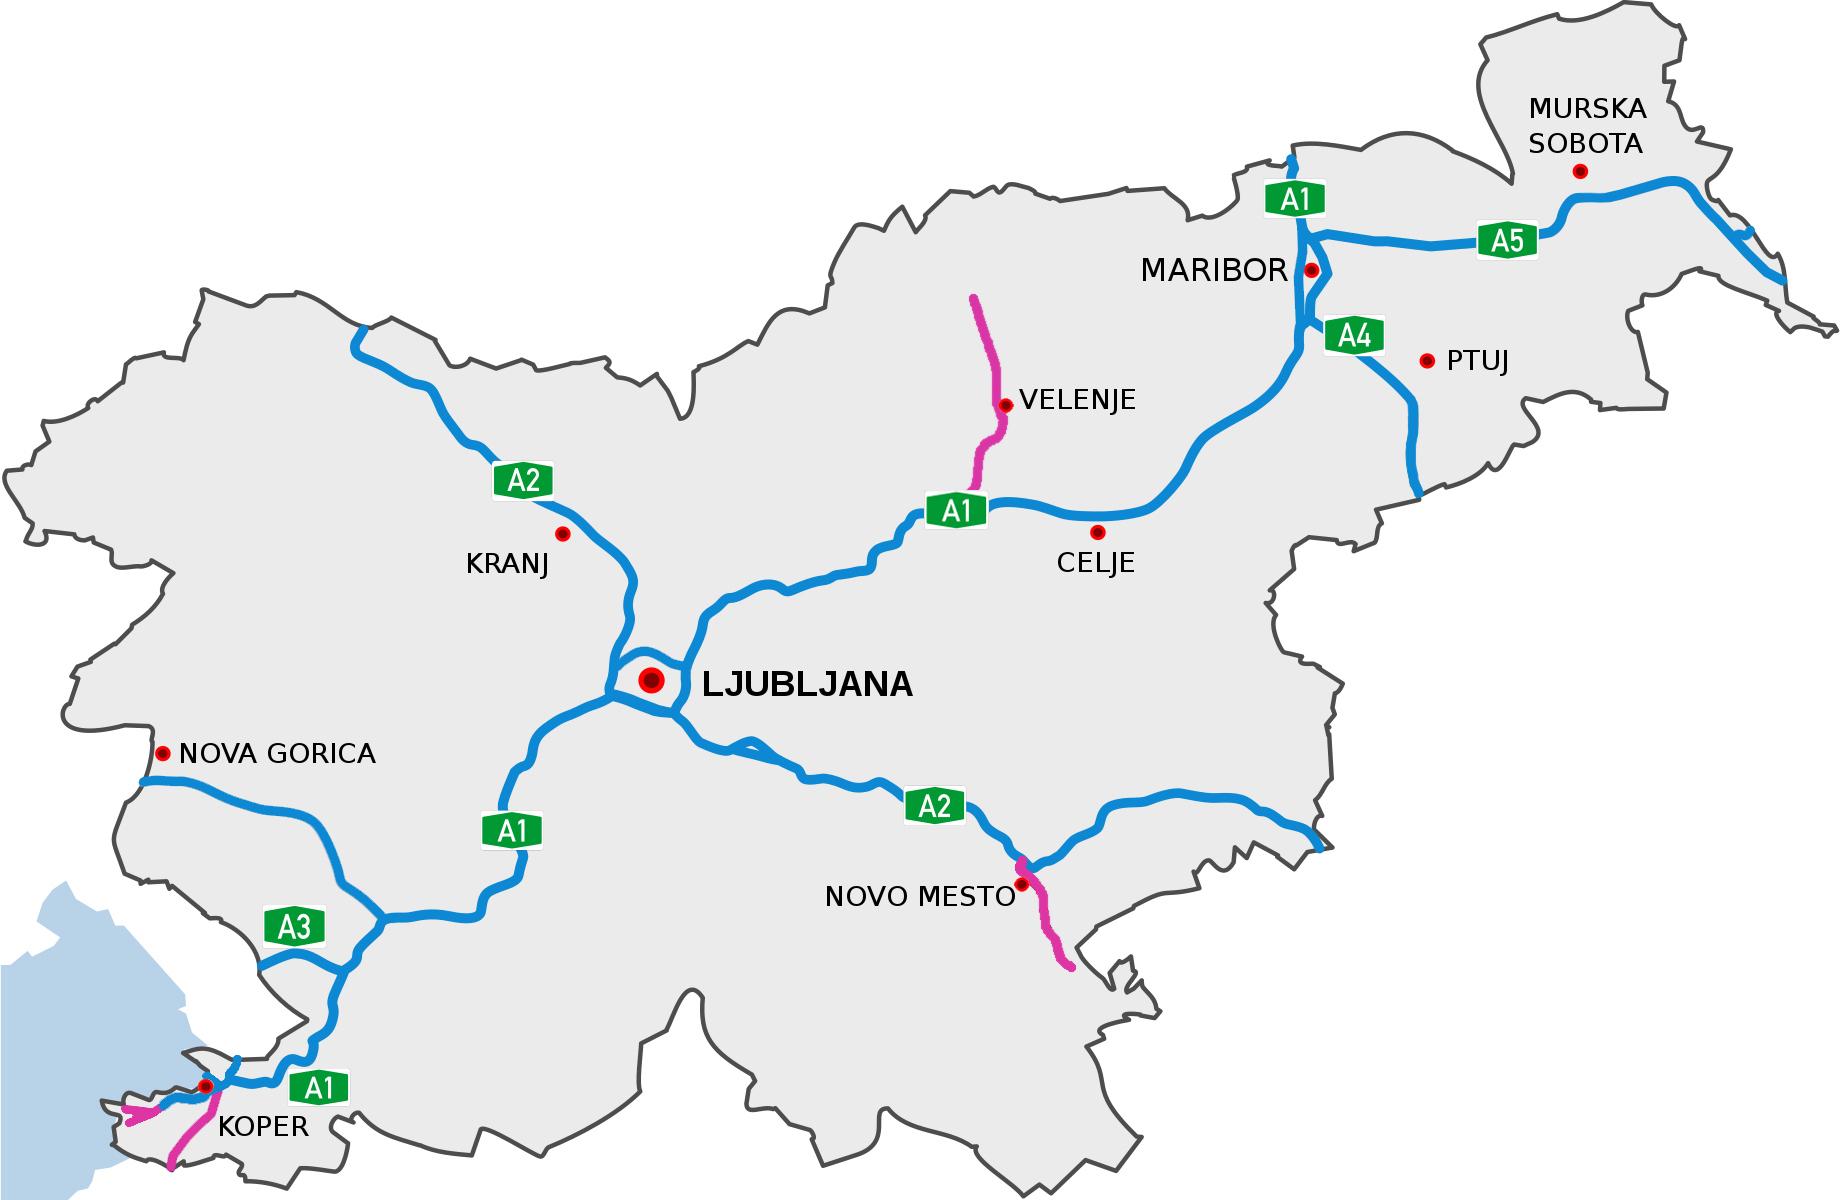 Liste Der Autobahnen Und Schnellstrassen In Slowenien Wikipedia